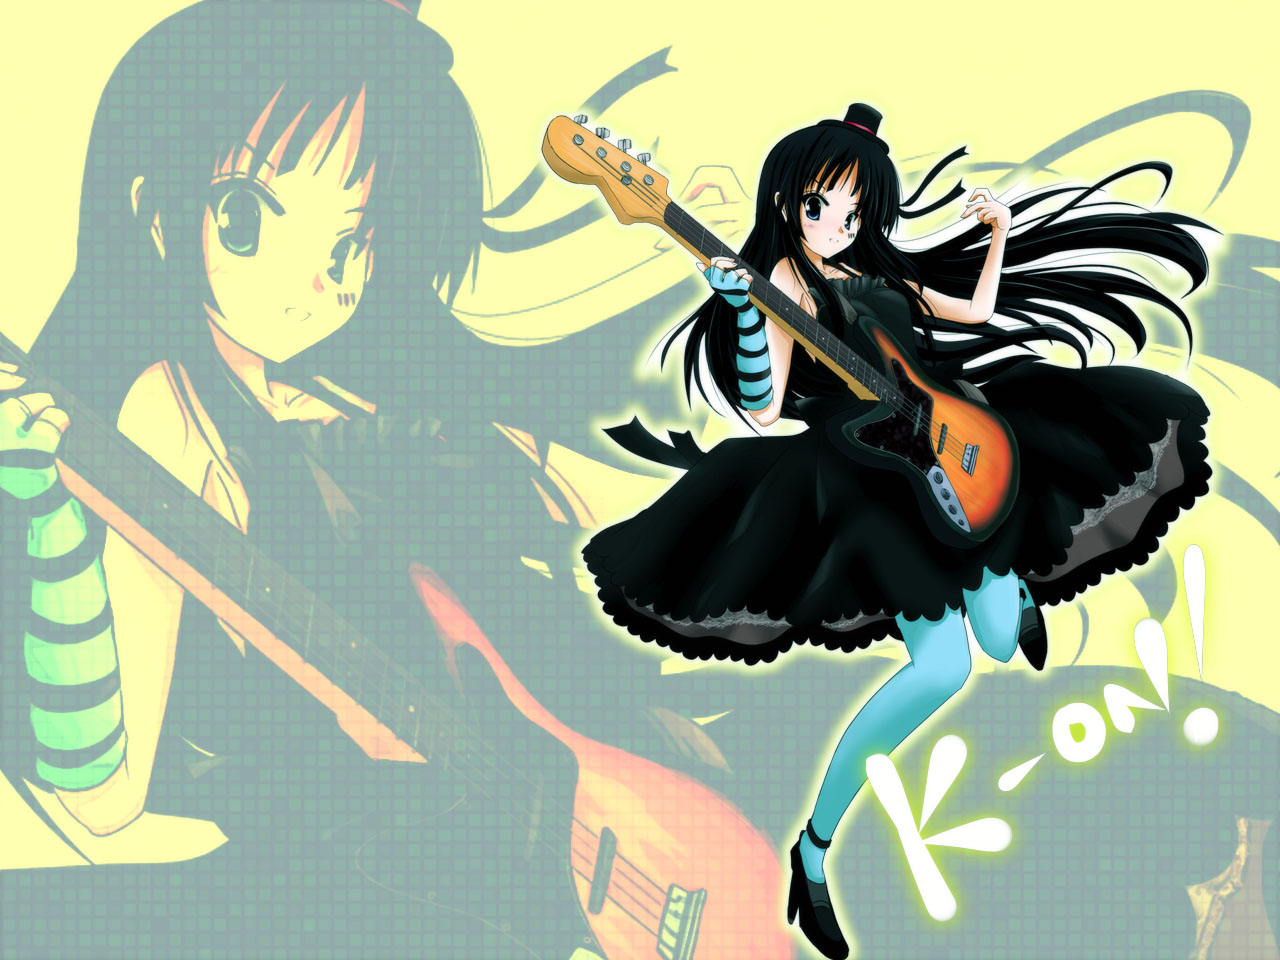 http://2.bp.blogspot.com/_LesMOxgY4nY/S-JwG4-CV7I/AAAAAAAAAIw/IkkCZLY5gD8/s1600/97609-mio_akiyama_1280x960_1.jpg